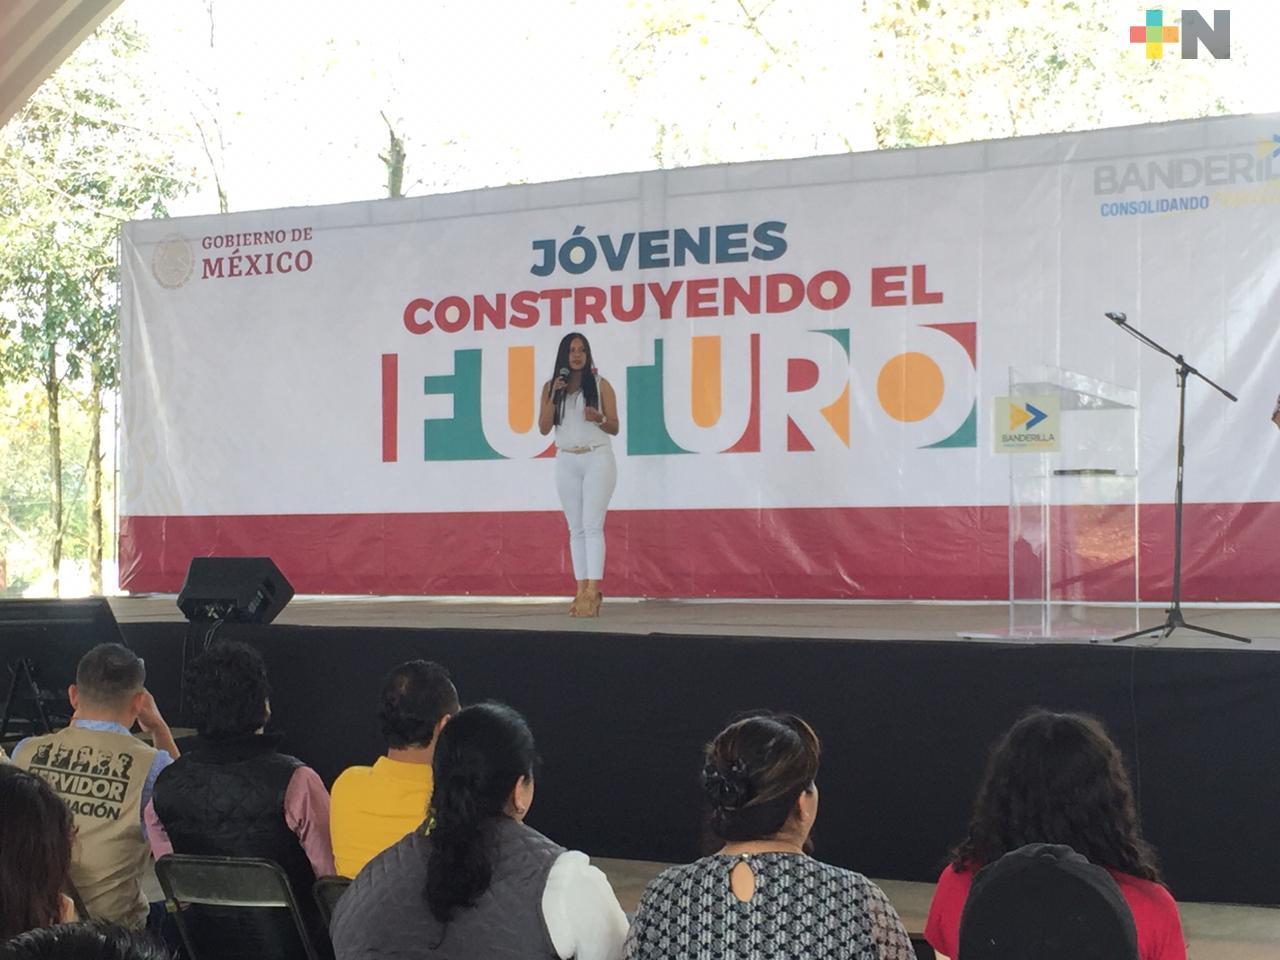 Empresas afiliadas al programa Jóvenes Construyendo el Futuro suspendieron capacitación por COVID-19